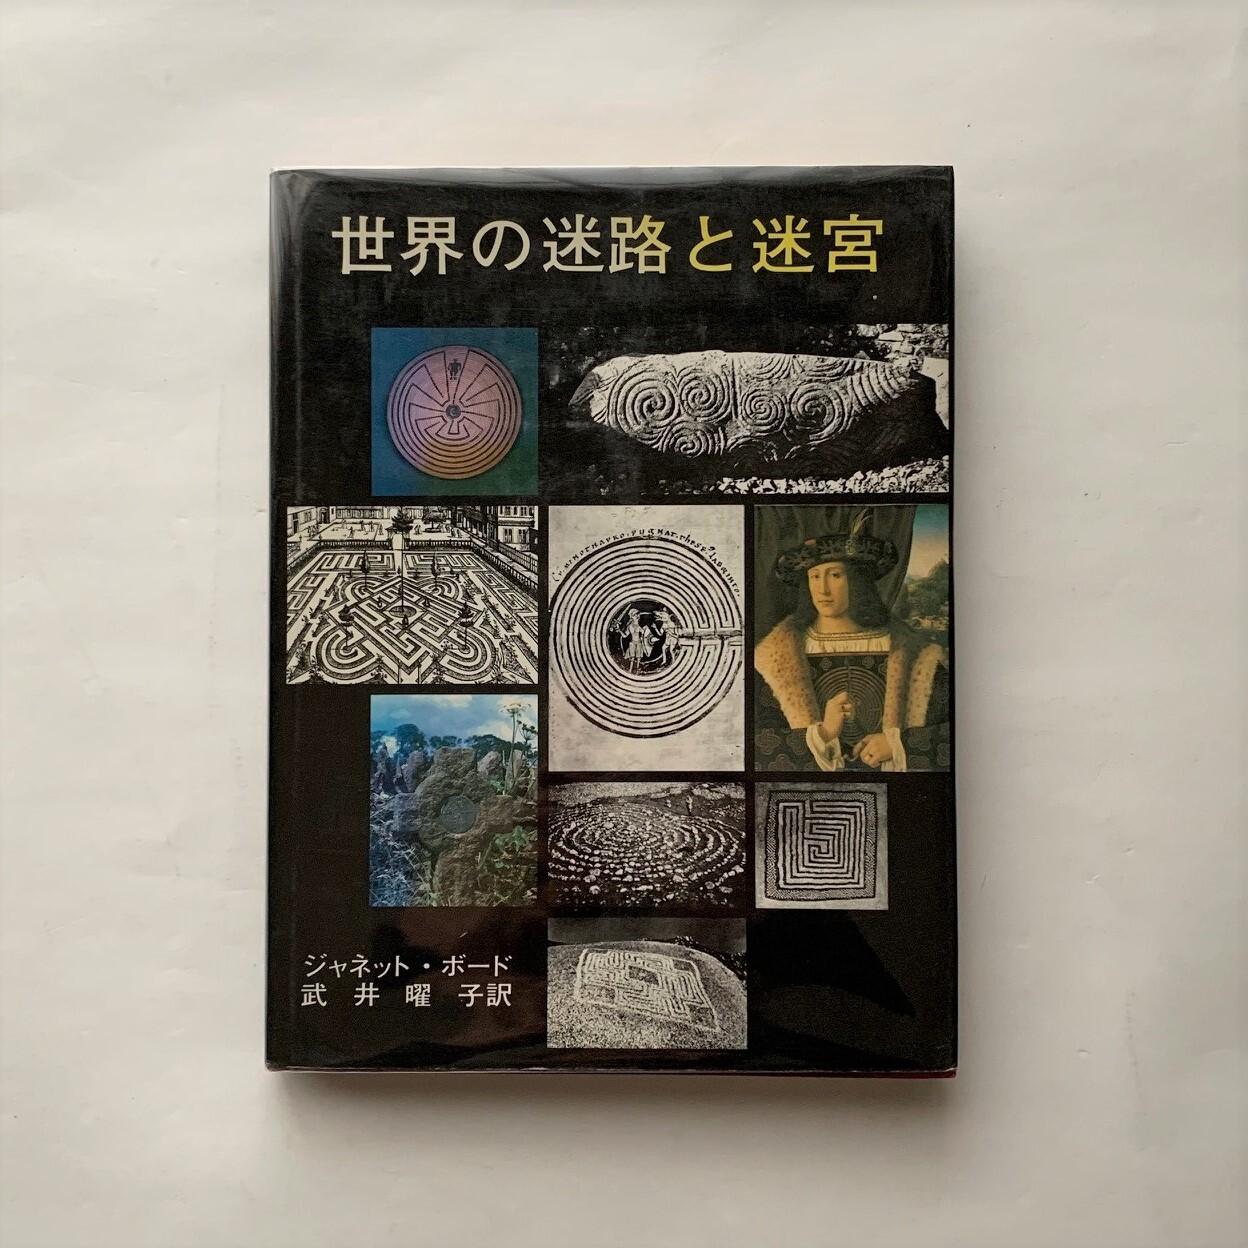 世界の迷路と迷宮 / ジャネット・ボ-ド, 武井曜子